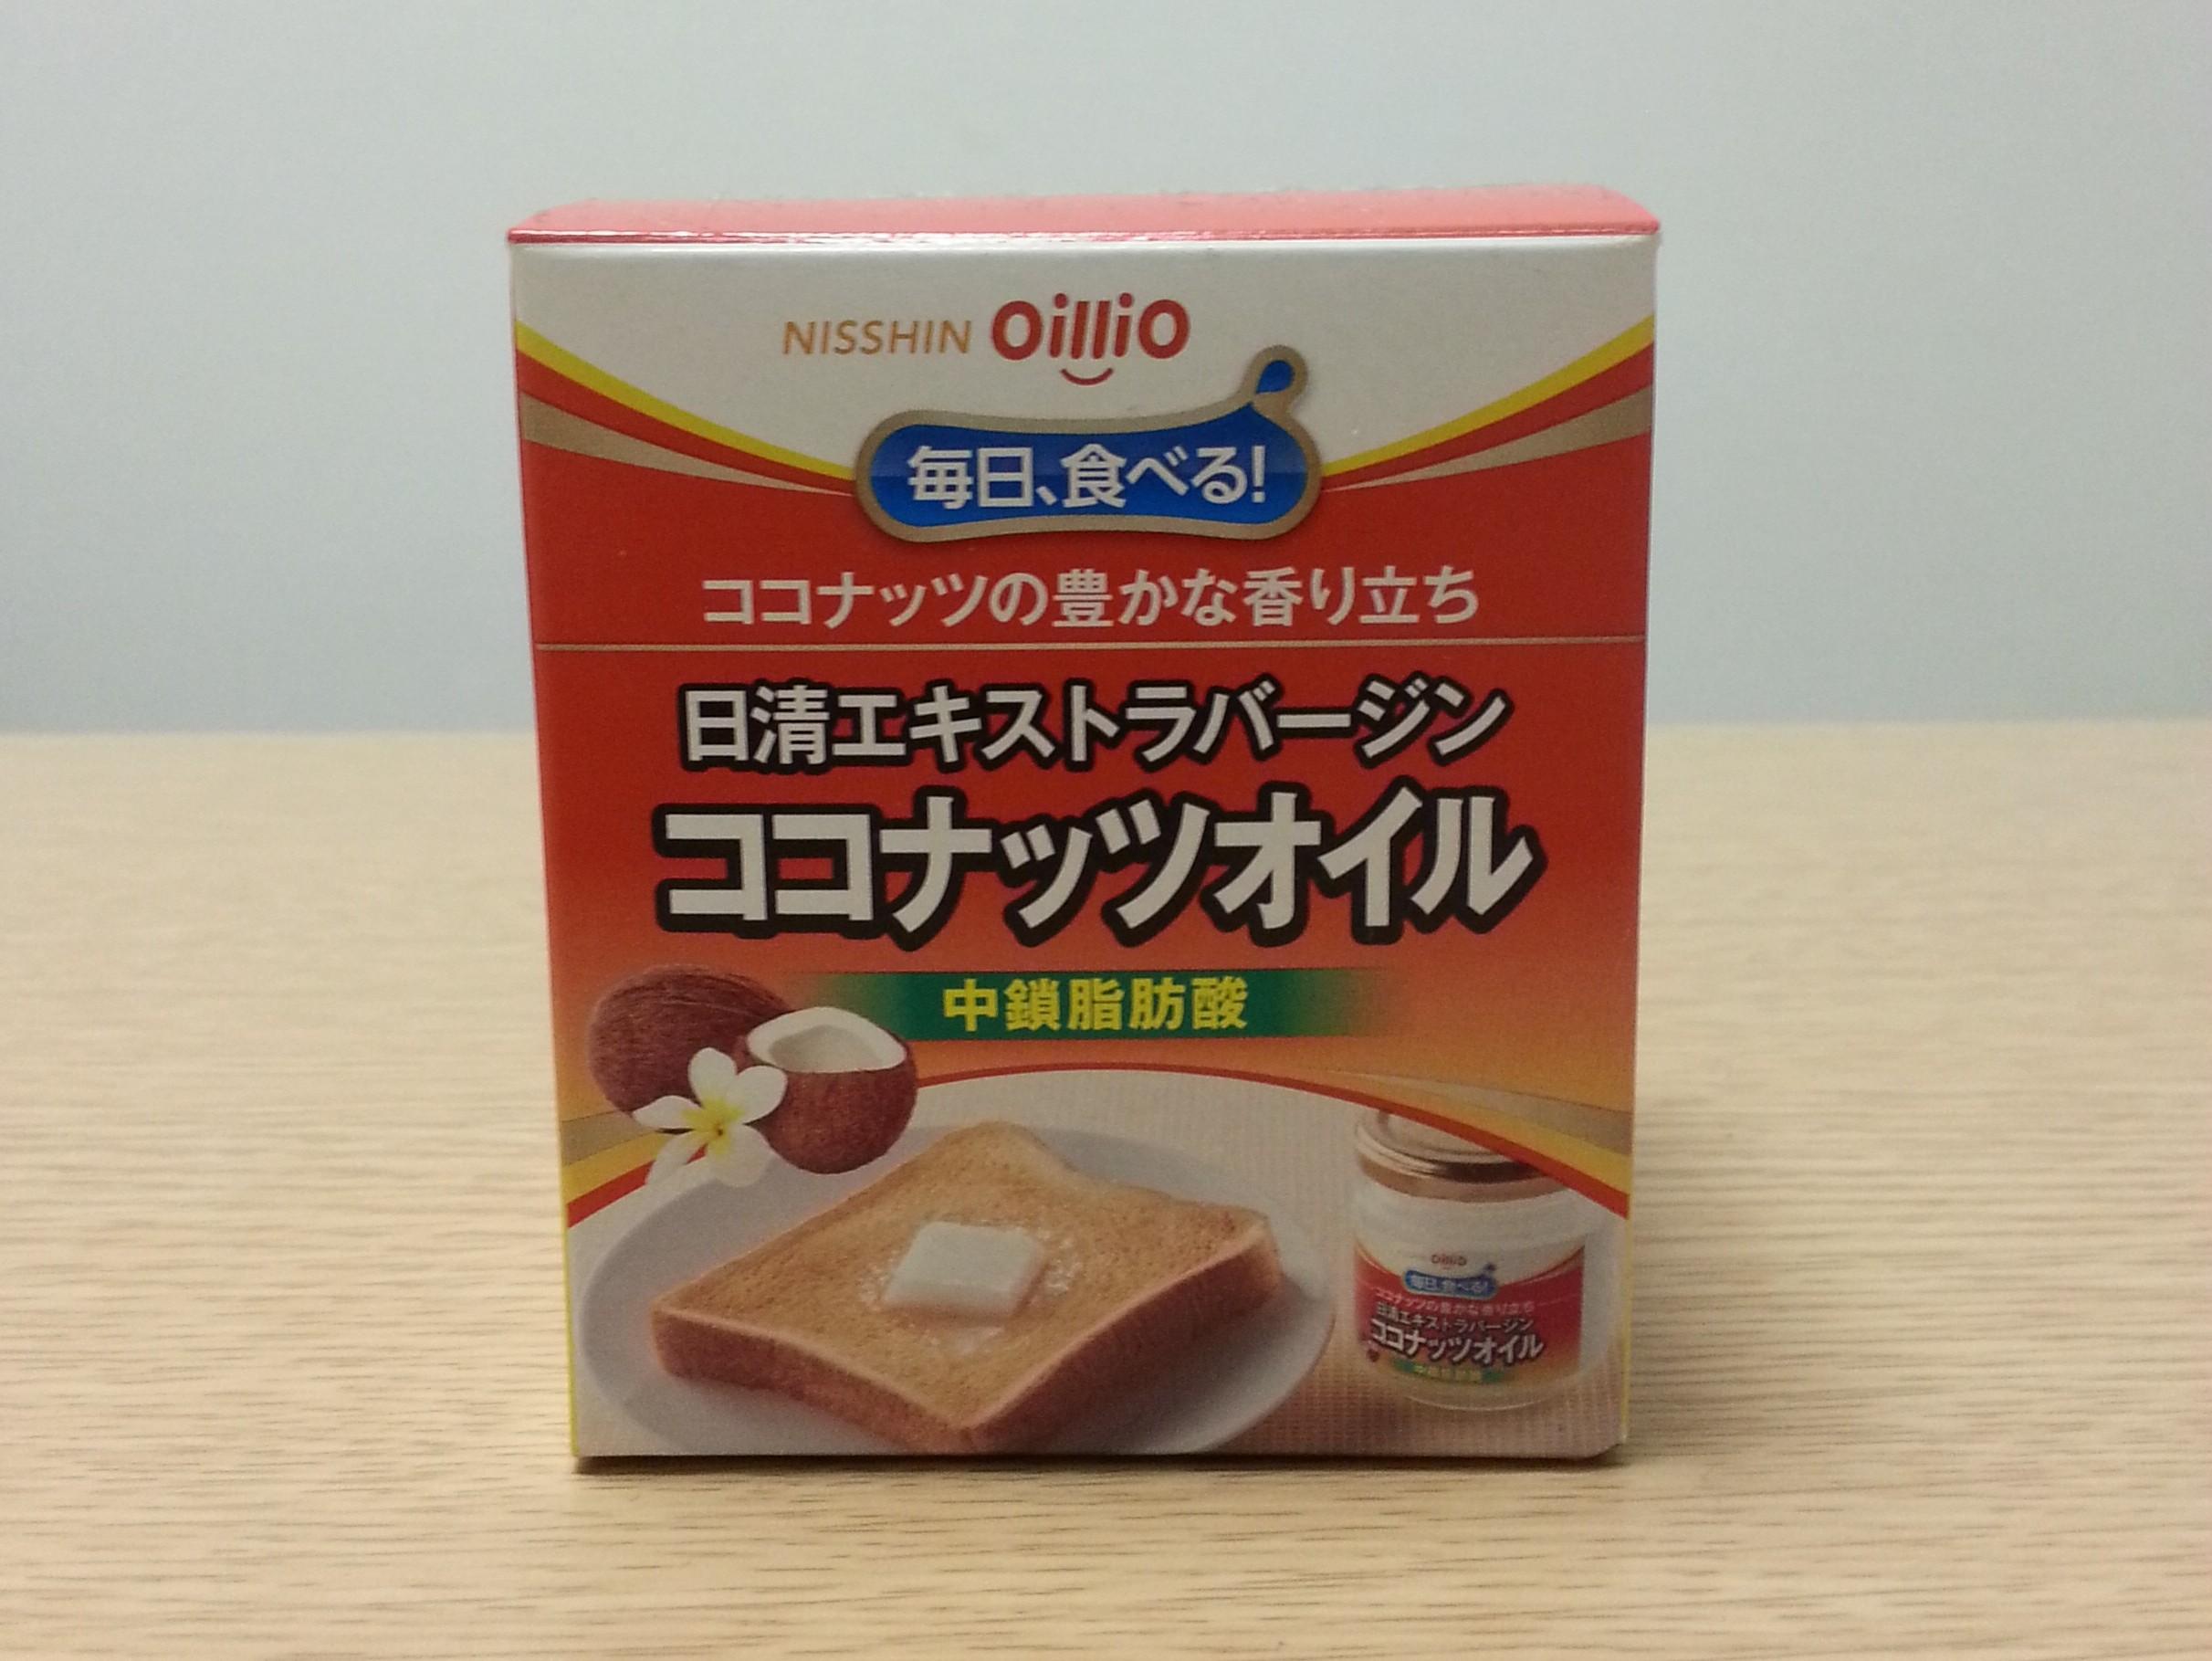 nisshin-oillio-coconutoil1